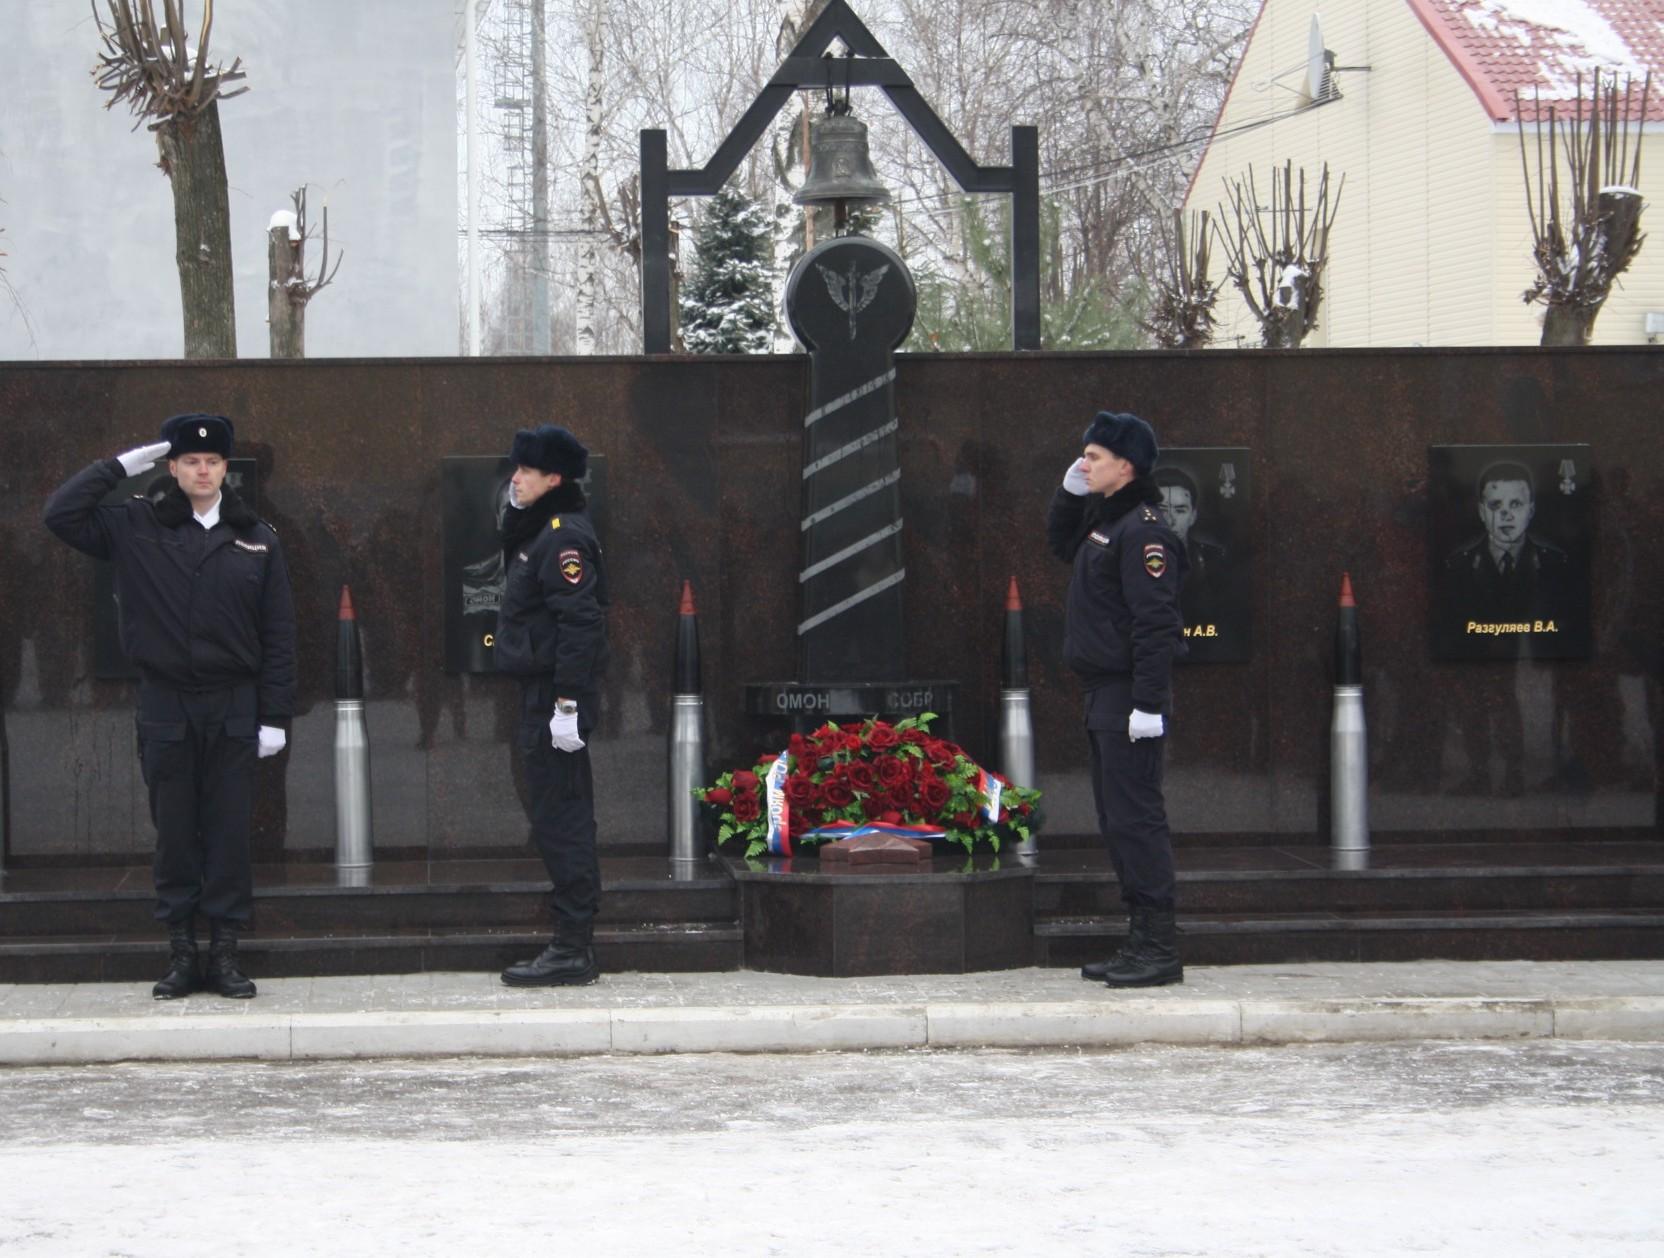 ТНС энерго Ярославль» приняло участие в открытие мемориала сотрудникам ОМОН и СОБР, погибшим при исполнении